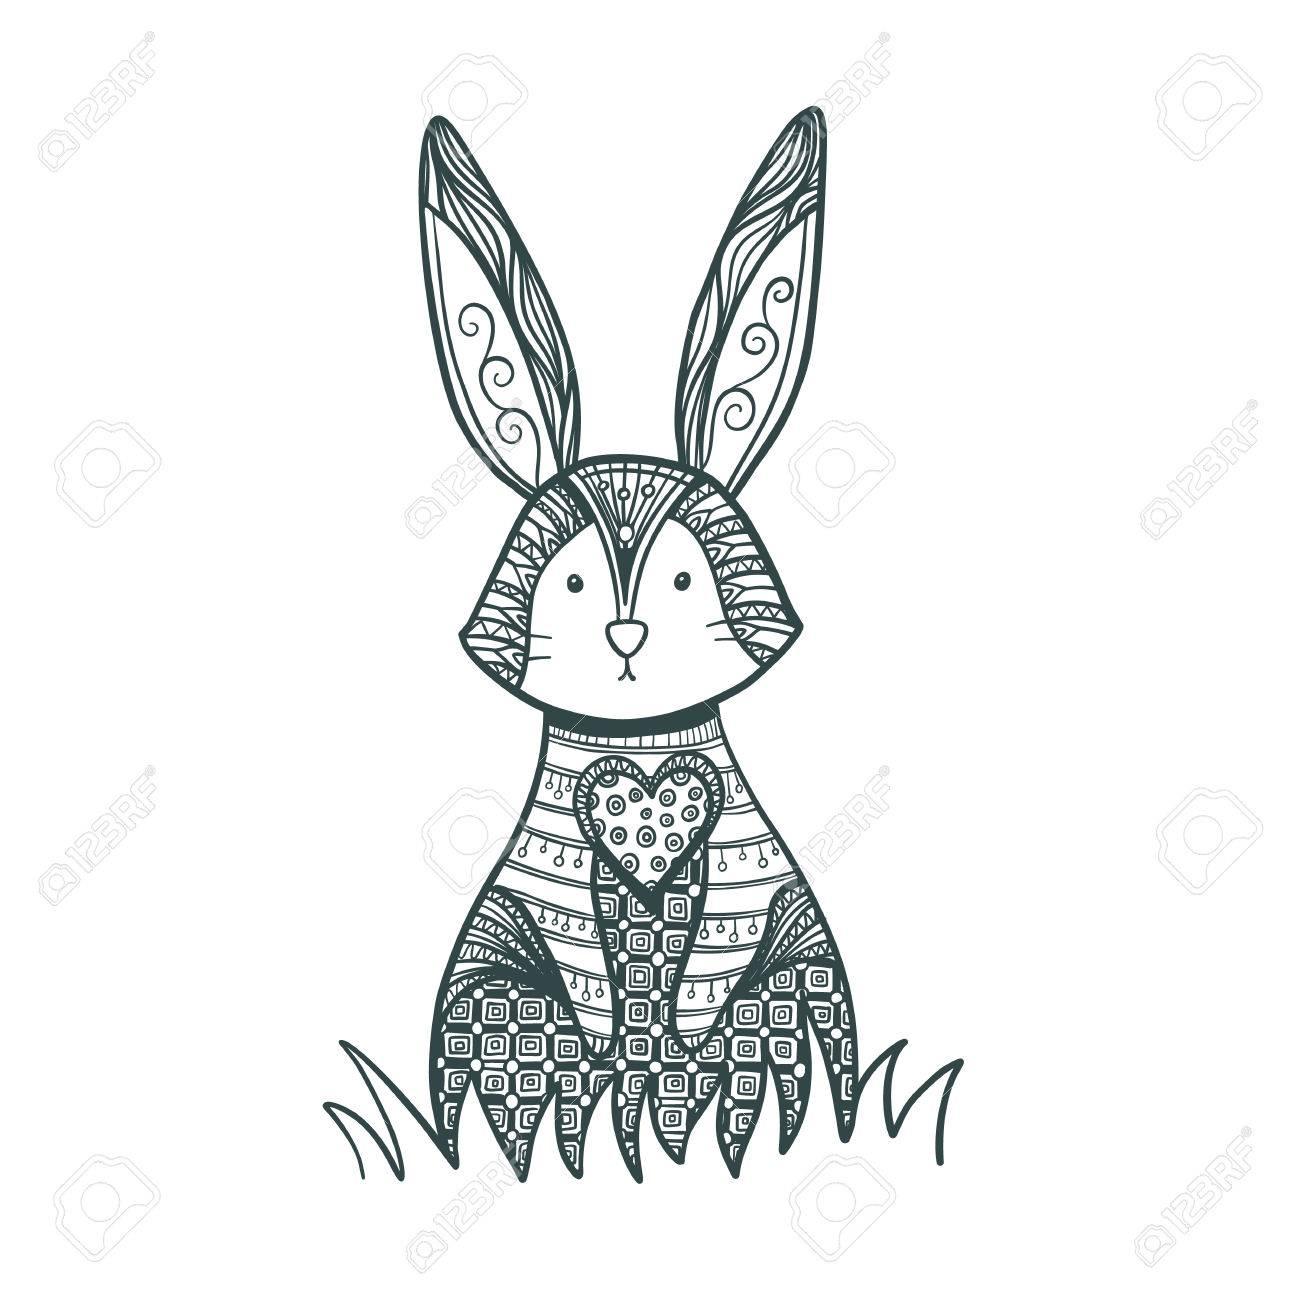 Zeichnung Kaninchen Für Malvorlagen. Dekorative Kaninchen, Osterhase ...